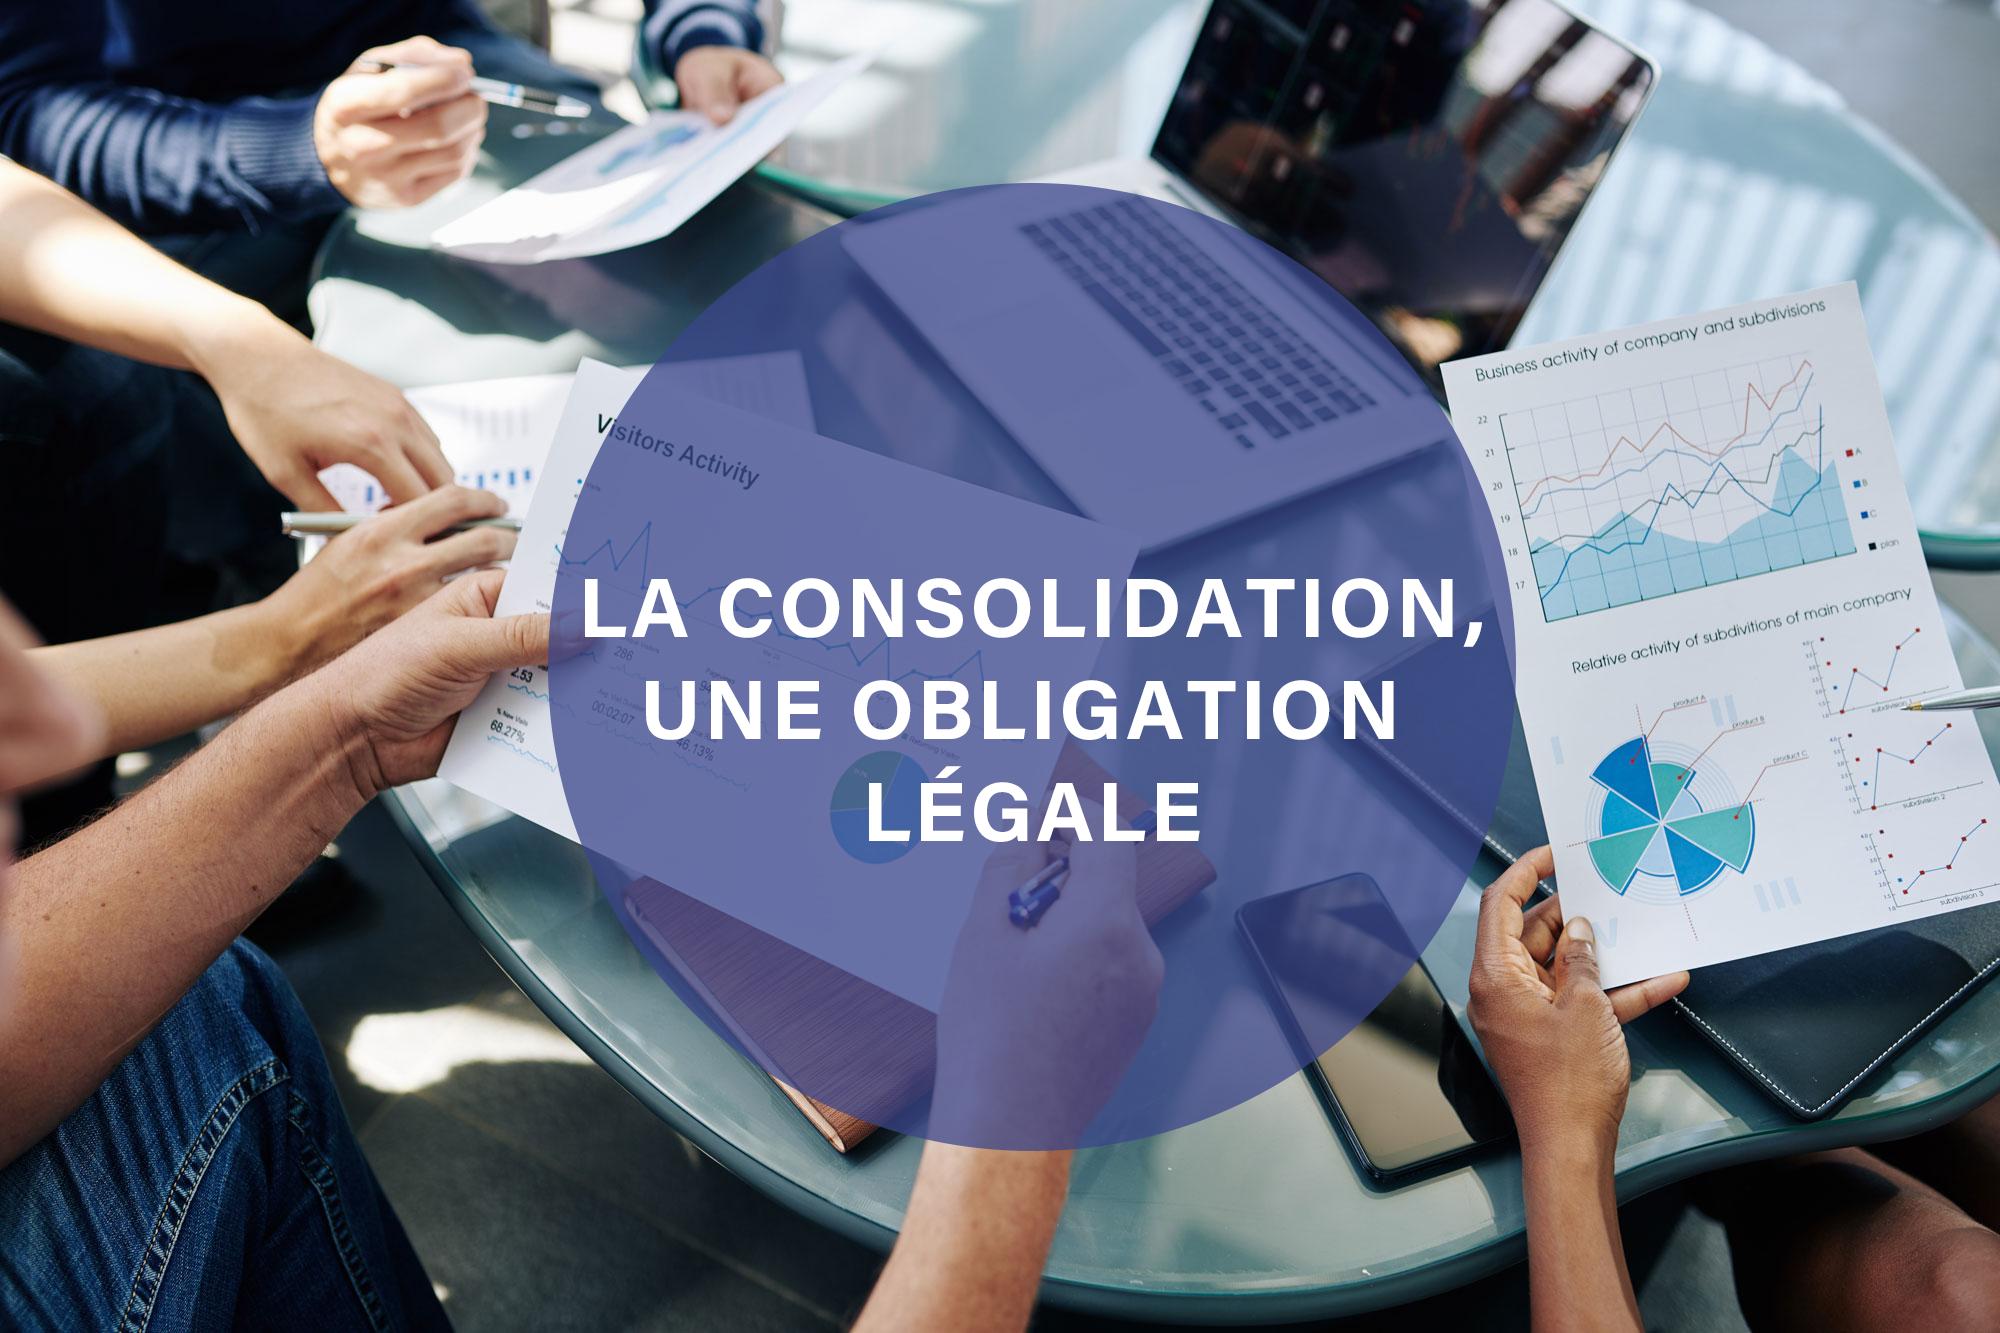 La consolidation, une obligation légale.